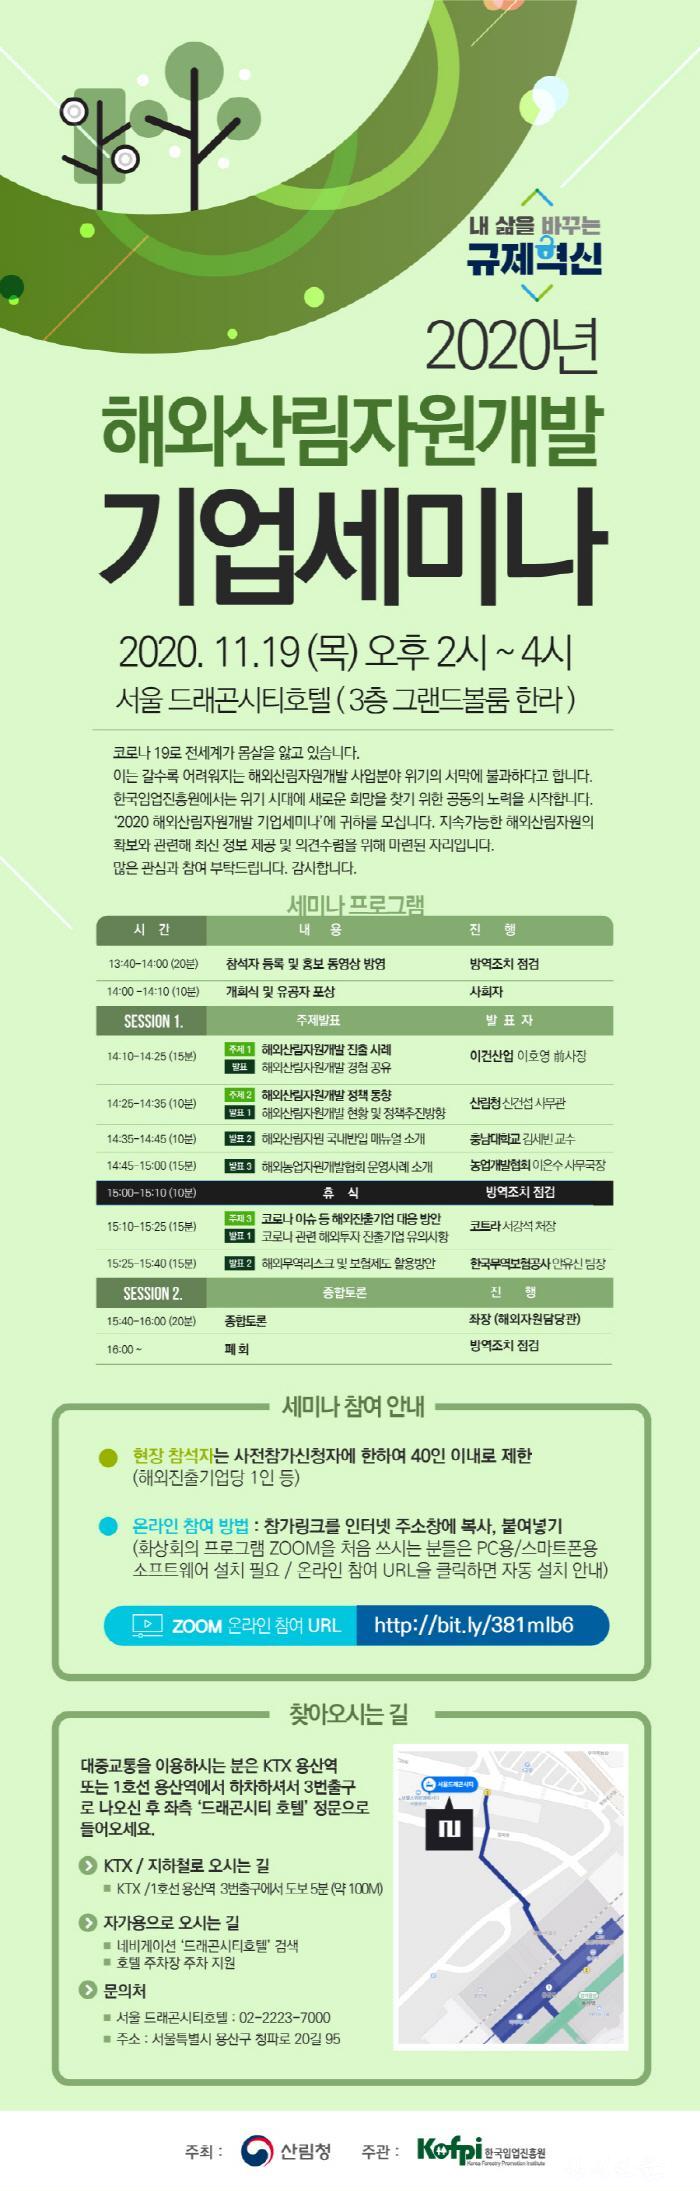 해외산림자원개발 활성화를 위한  기업 토론회 개최 안내문.jpg